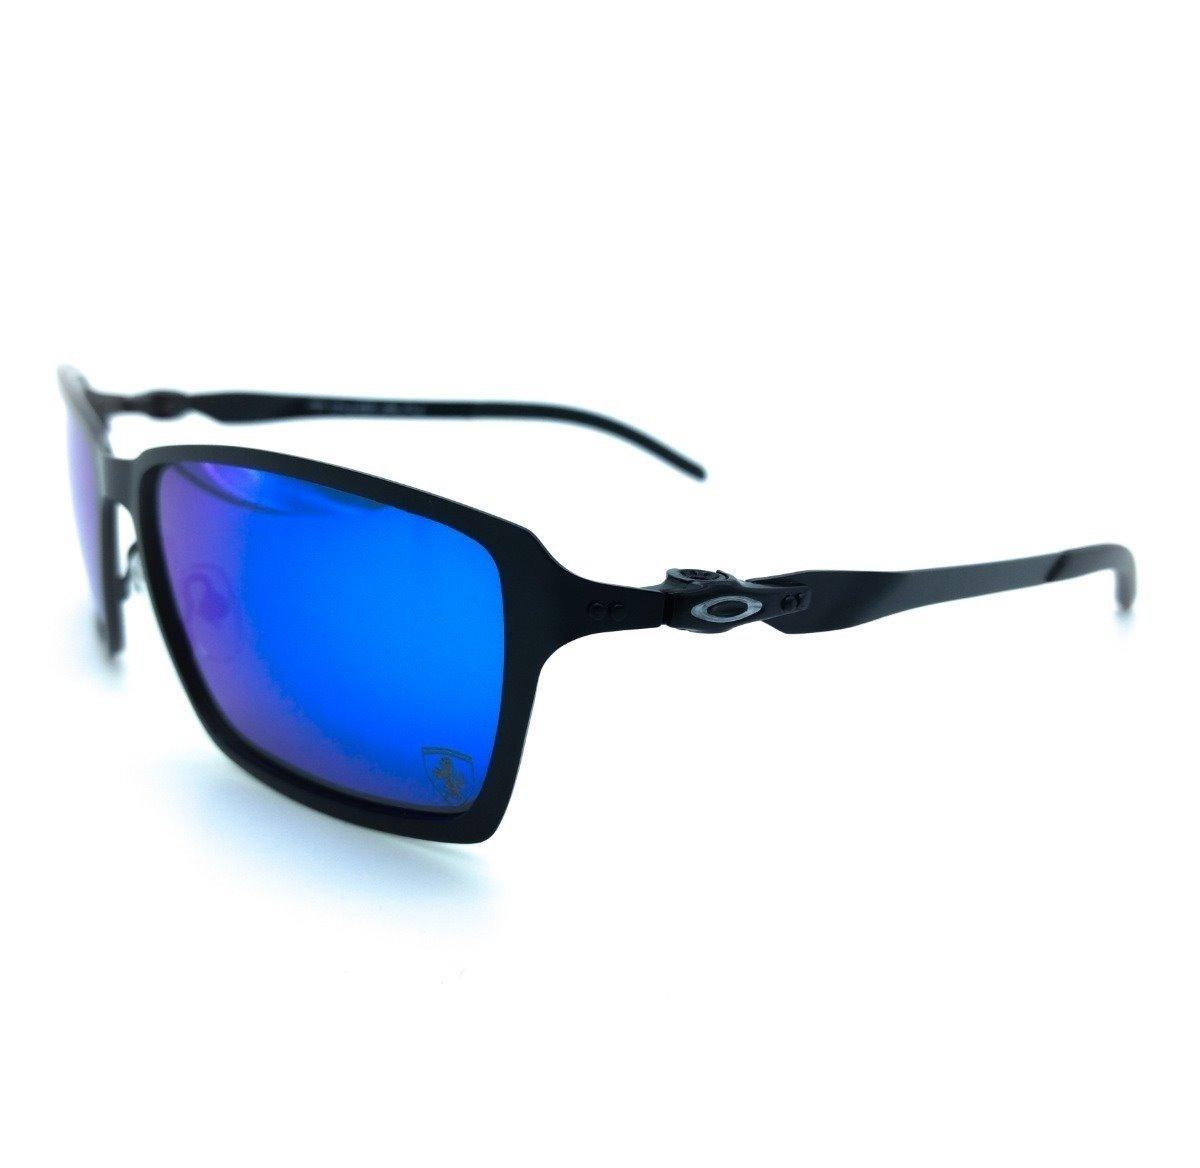 Óculos Oakley Tincan Ferrari 100% Polarizado Oferta! - R  129,90 em Mercado  Livre 0433d9ee48